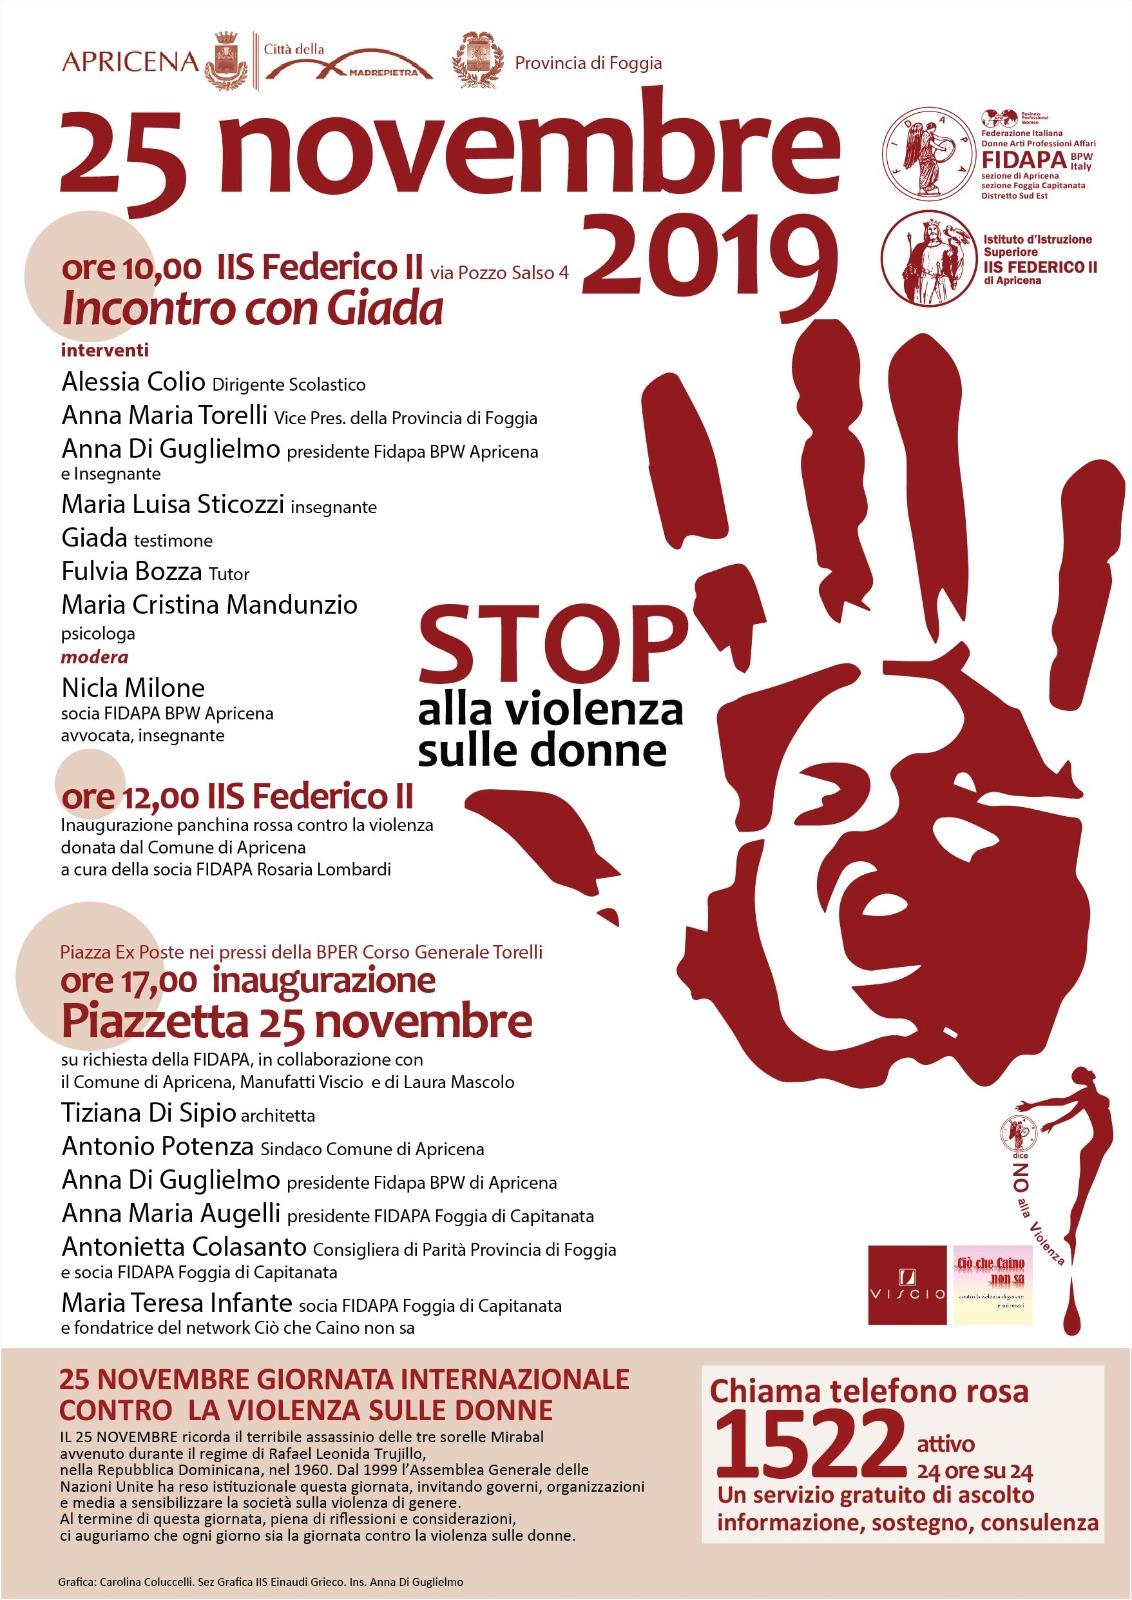 apricena stop alla violenza sulle donne la gazzetta di san severo news di capitanata apricena stop alla violenza sulle